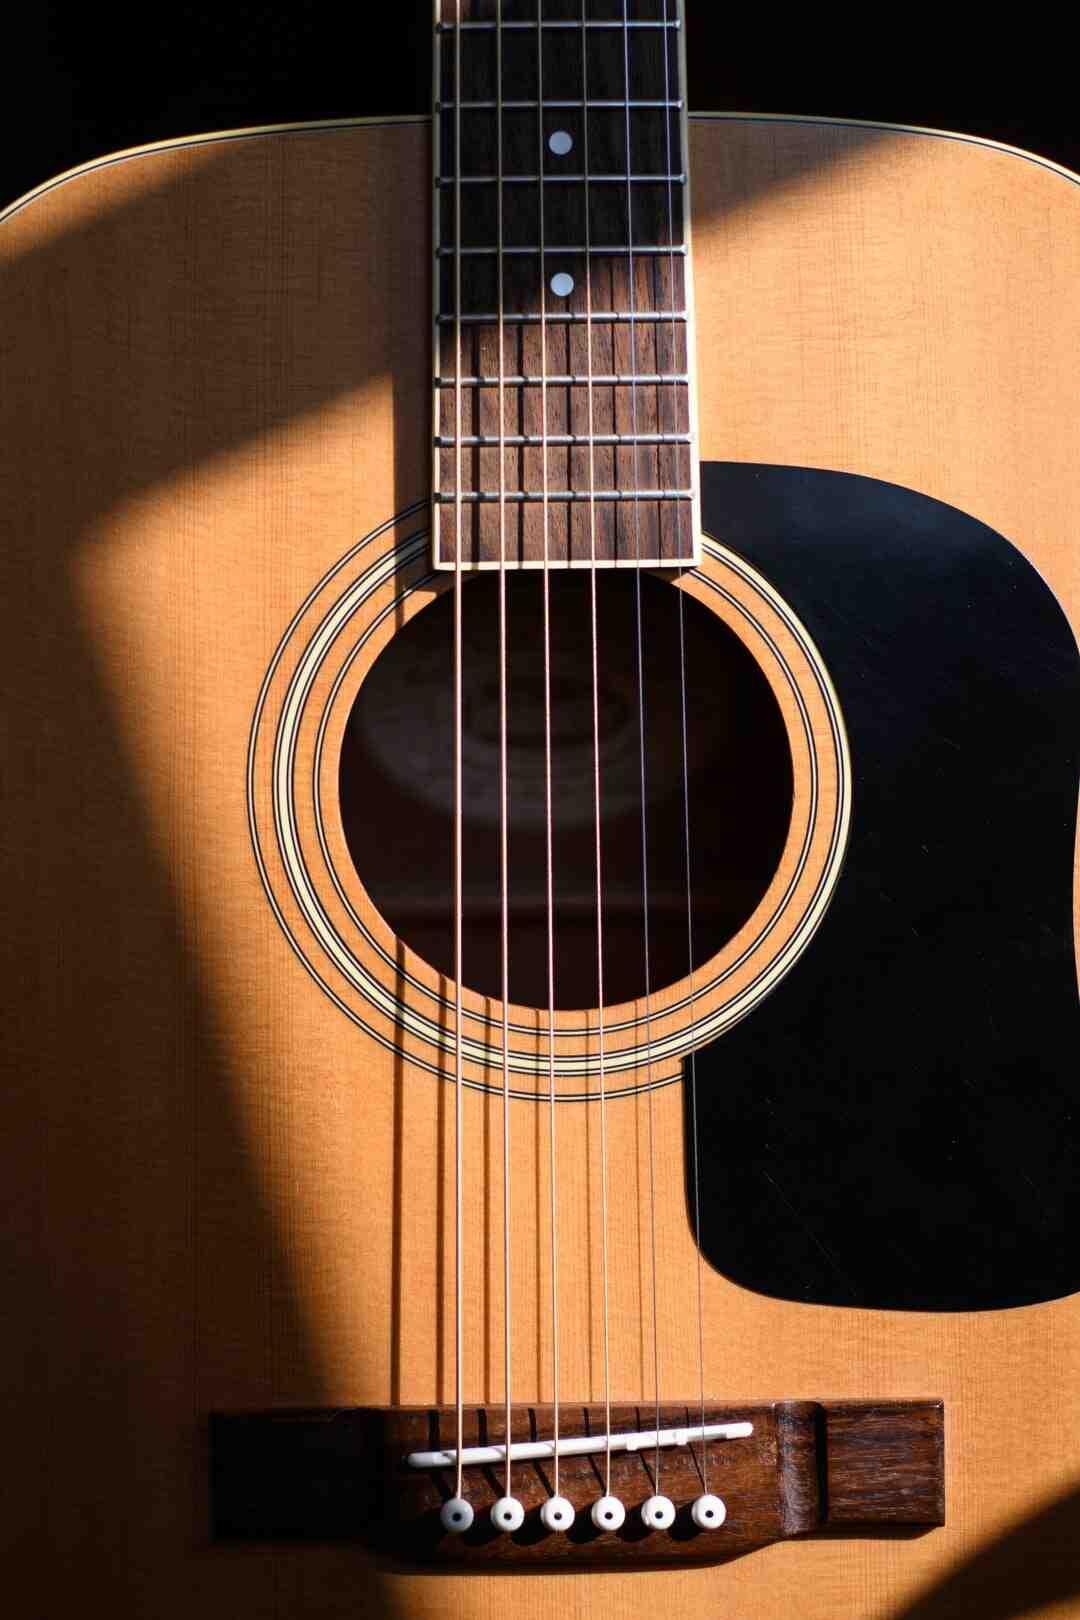 Comment installer des pédales pour guitare